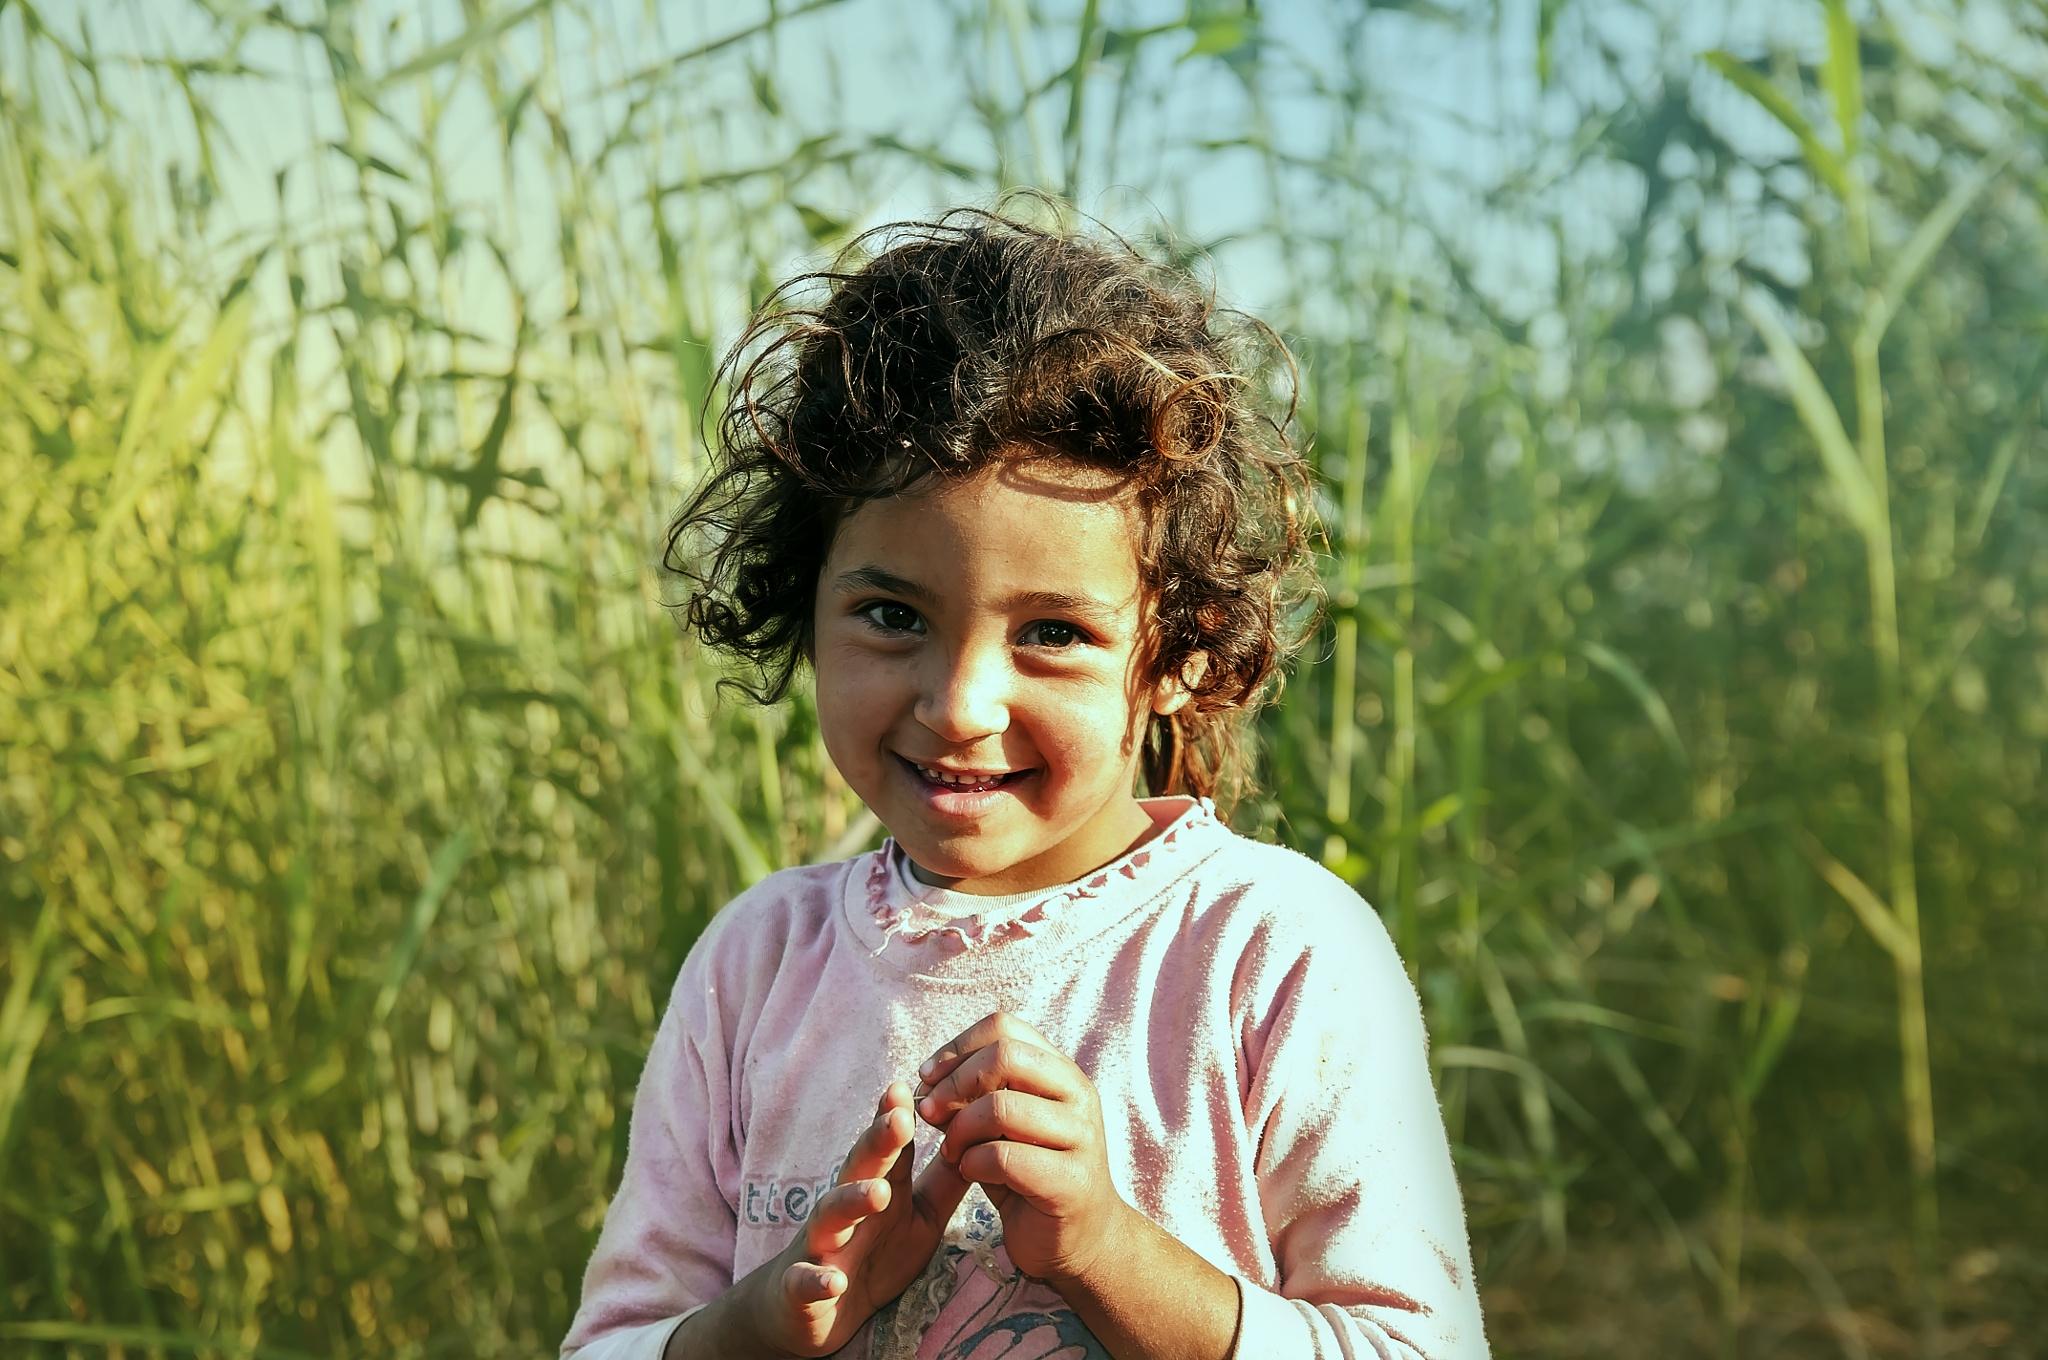 baby by Mohammed Roushdy Cma